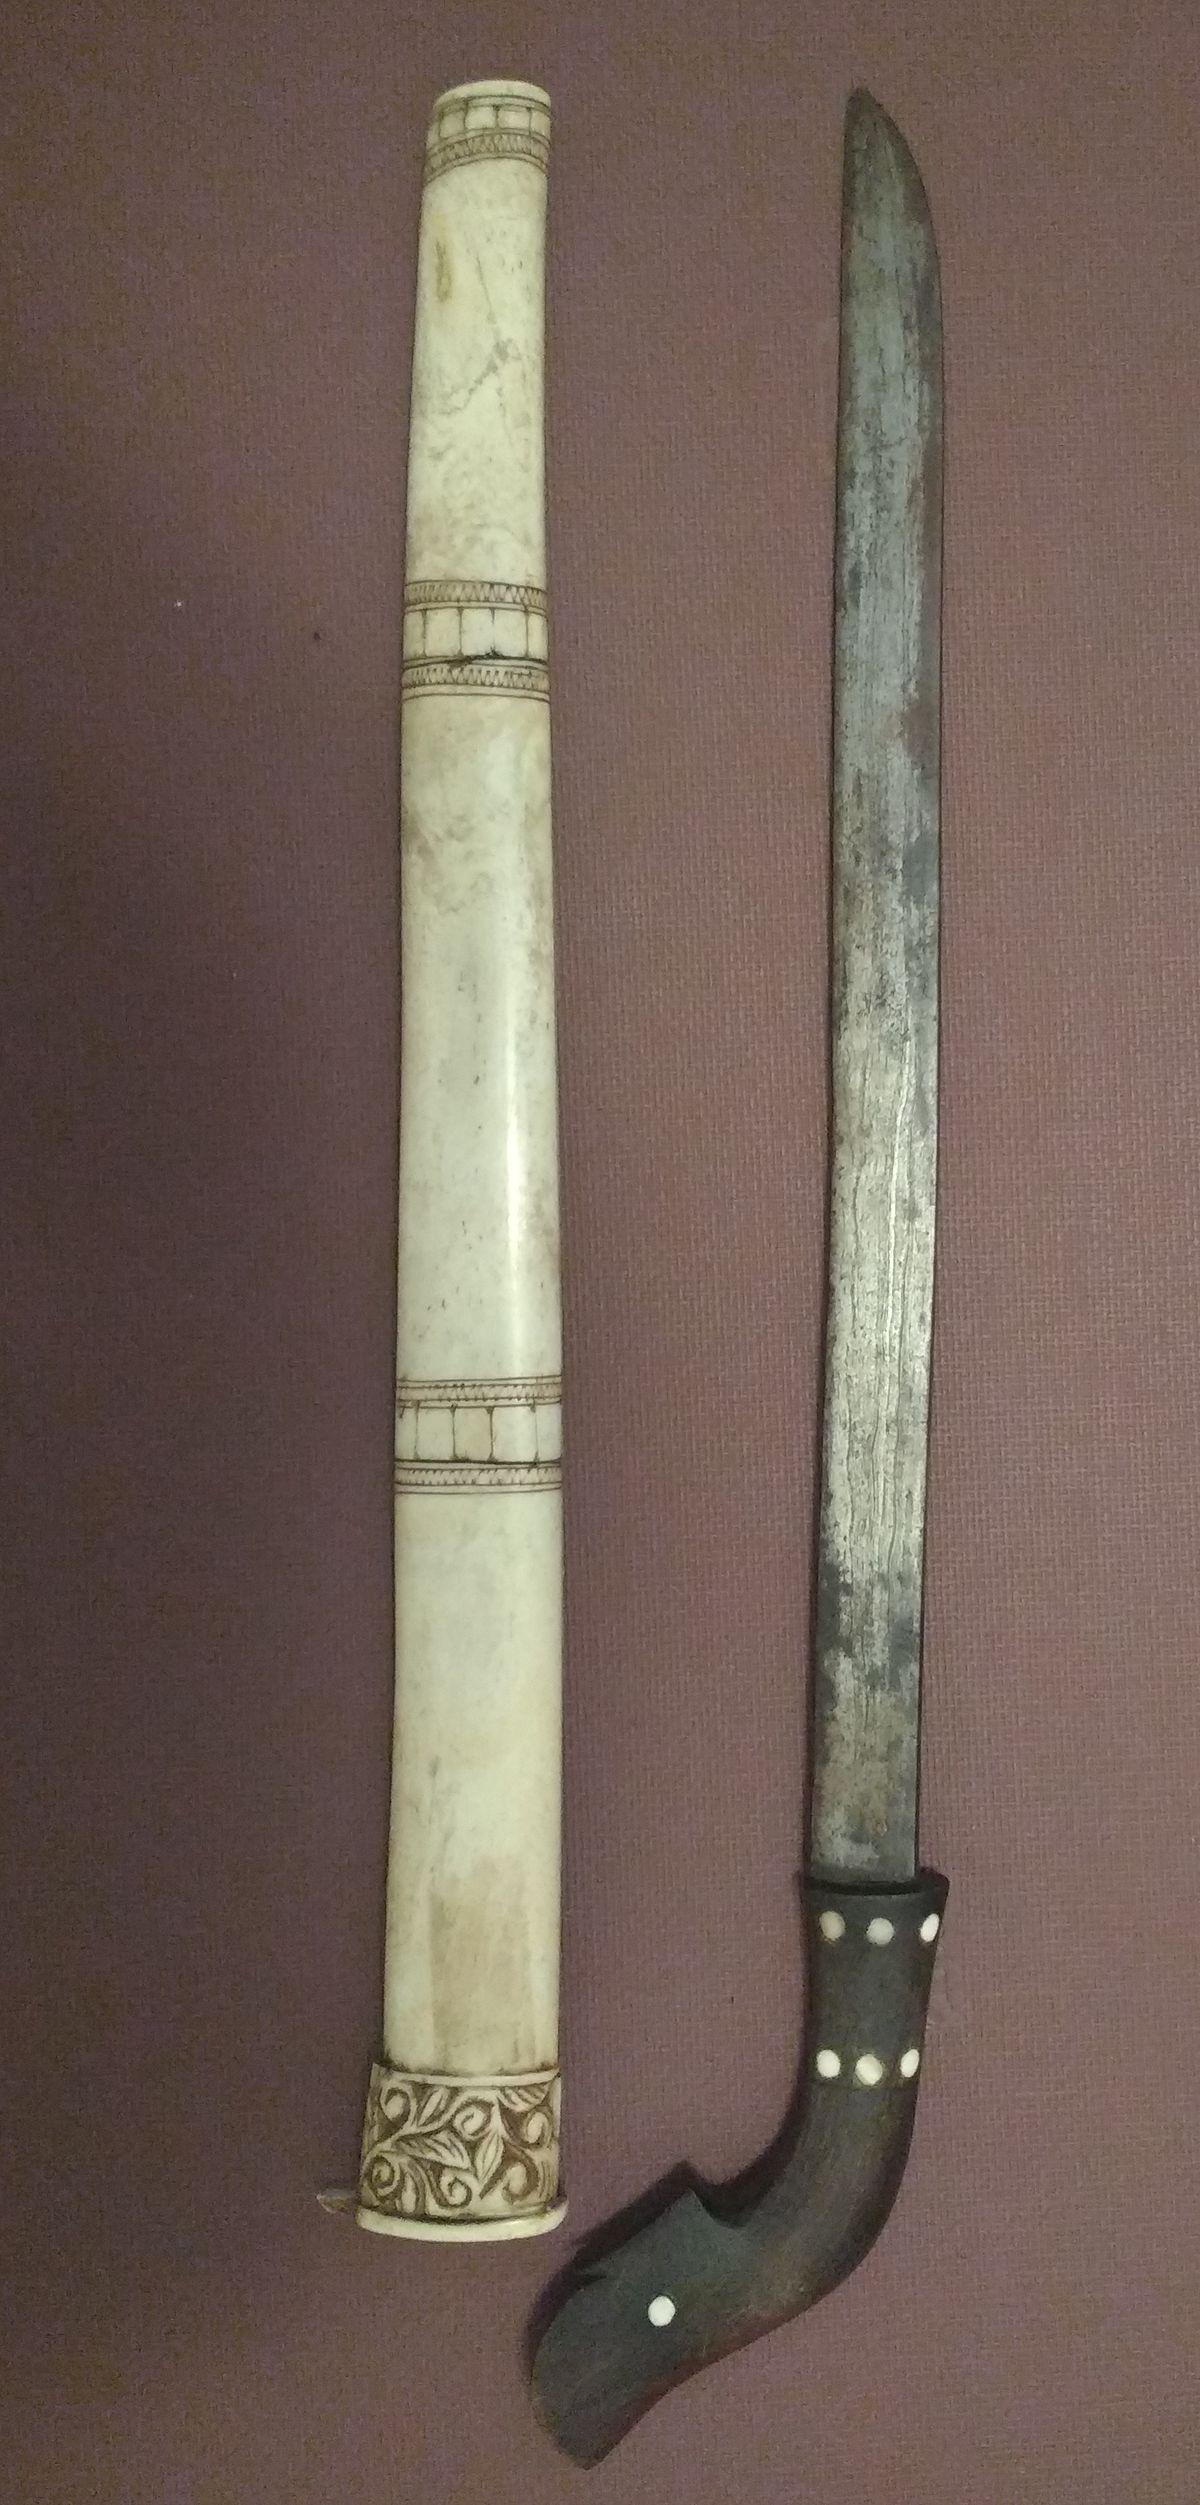 Luwuk Sword Wikipedia